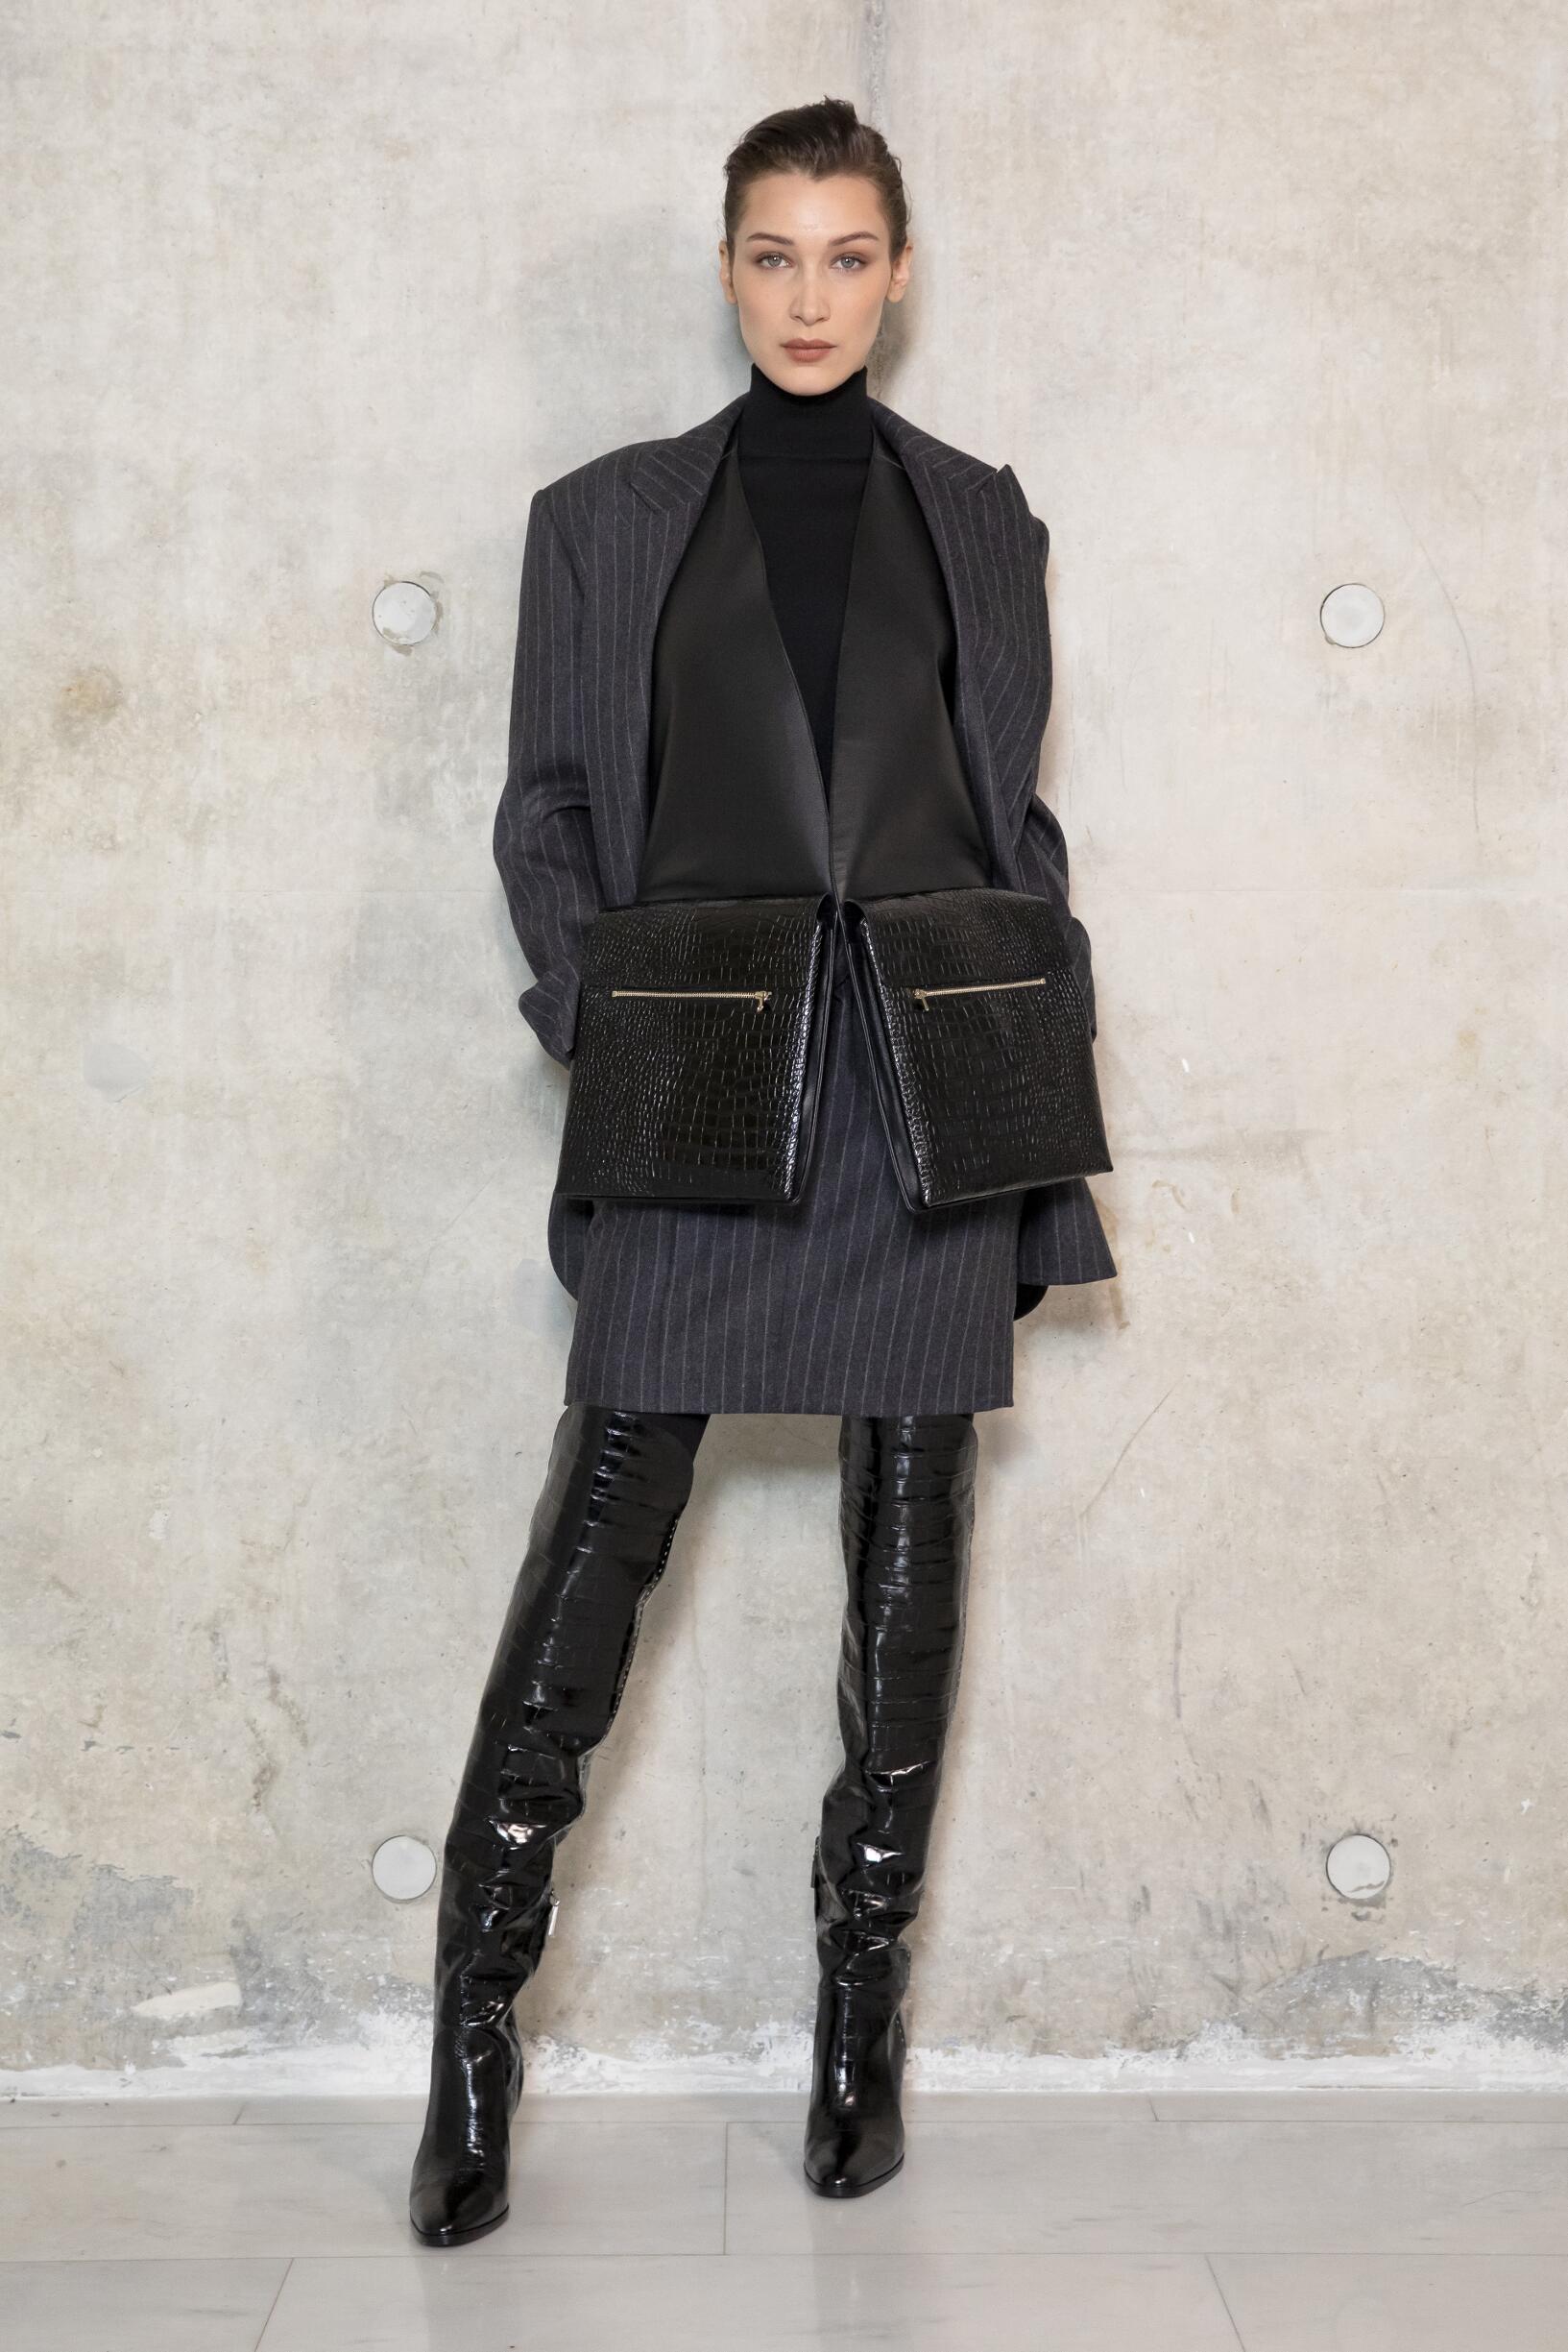 Bella Hadid 2019 Backstage Max Mara